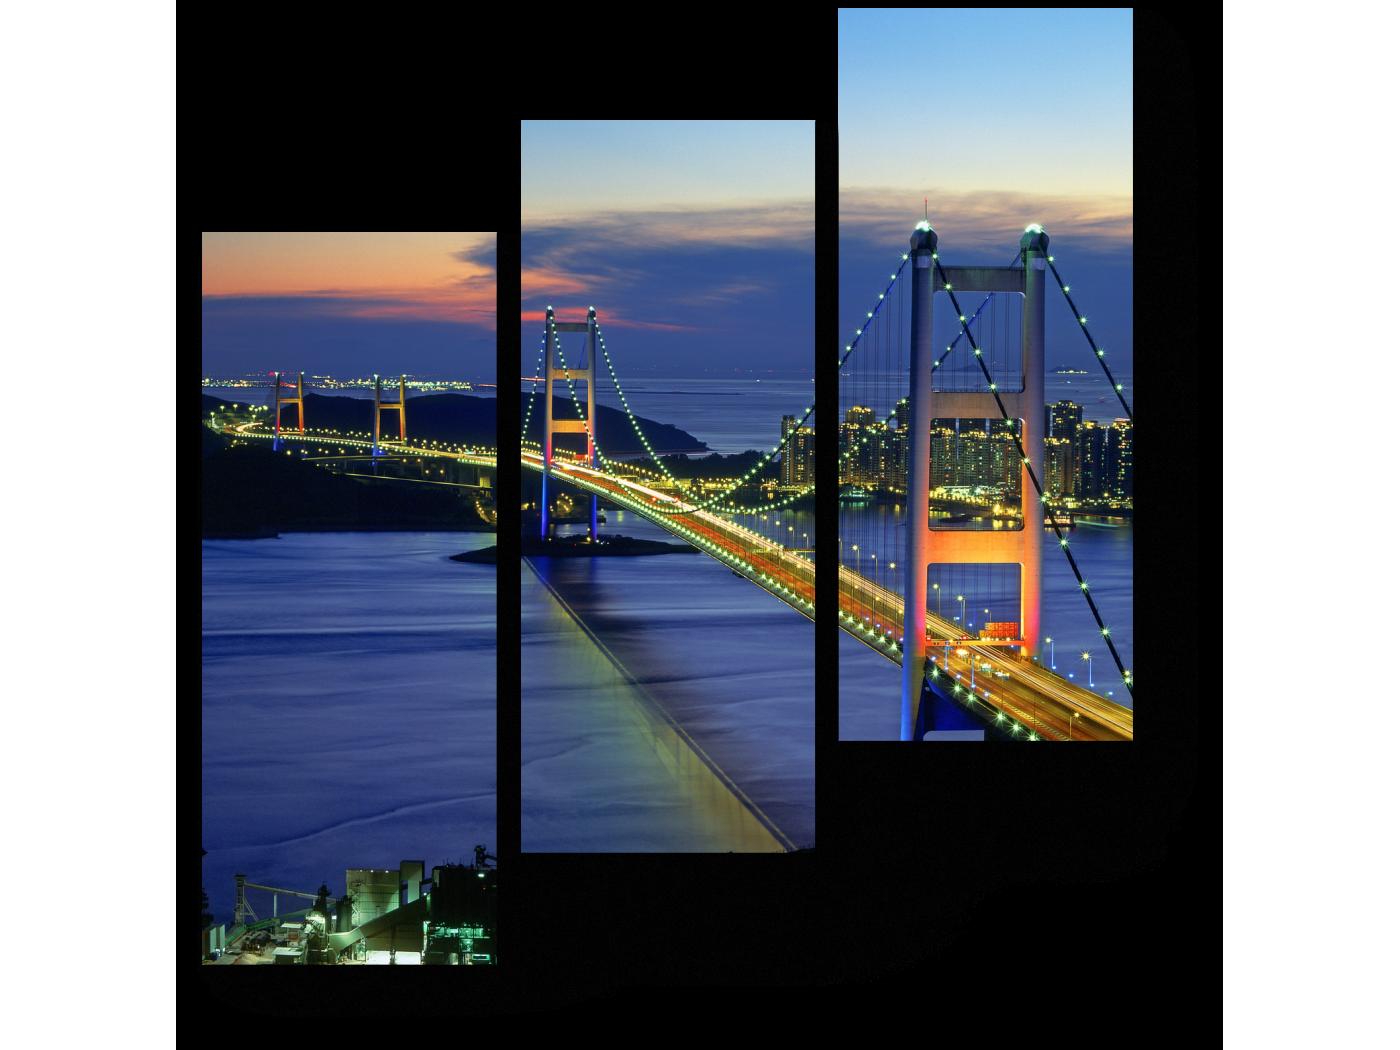 Модульная картина Невероятный вид на ночной мост Гонгконга (60x64) фото